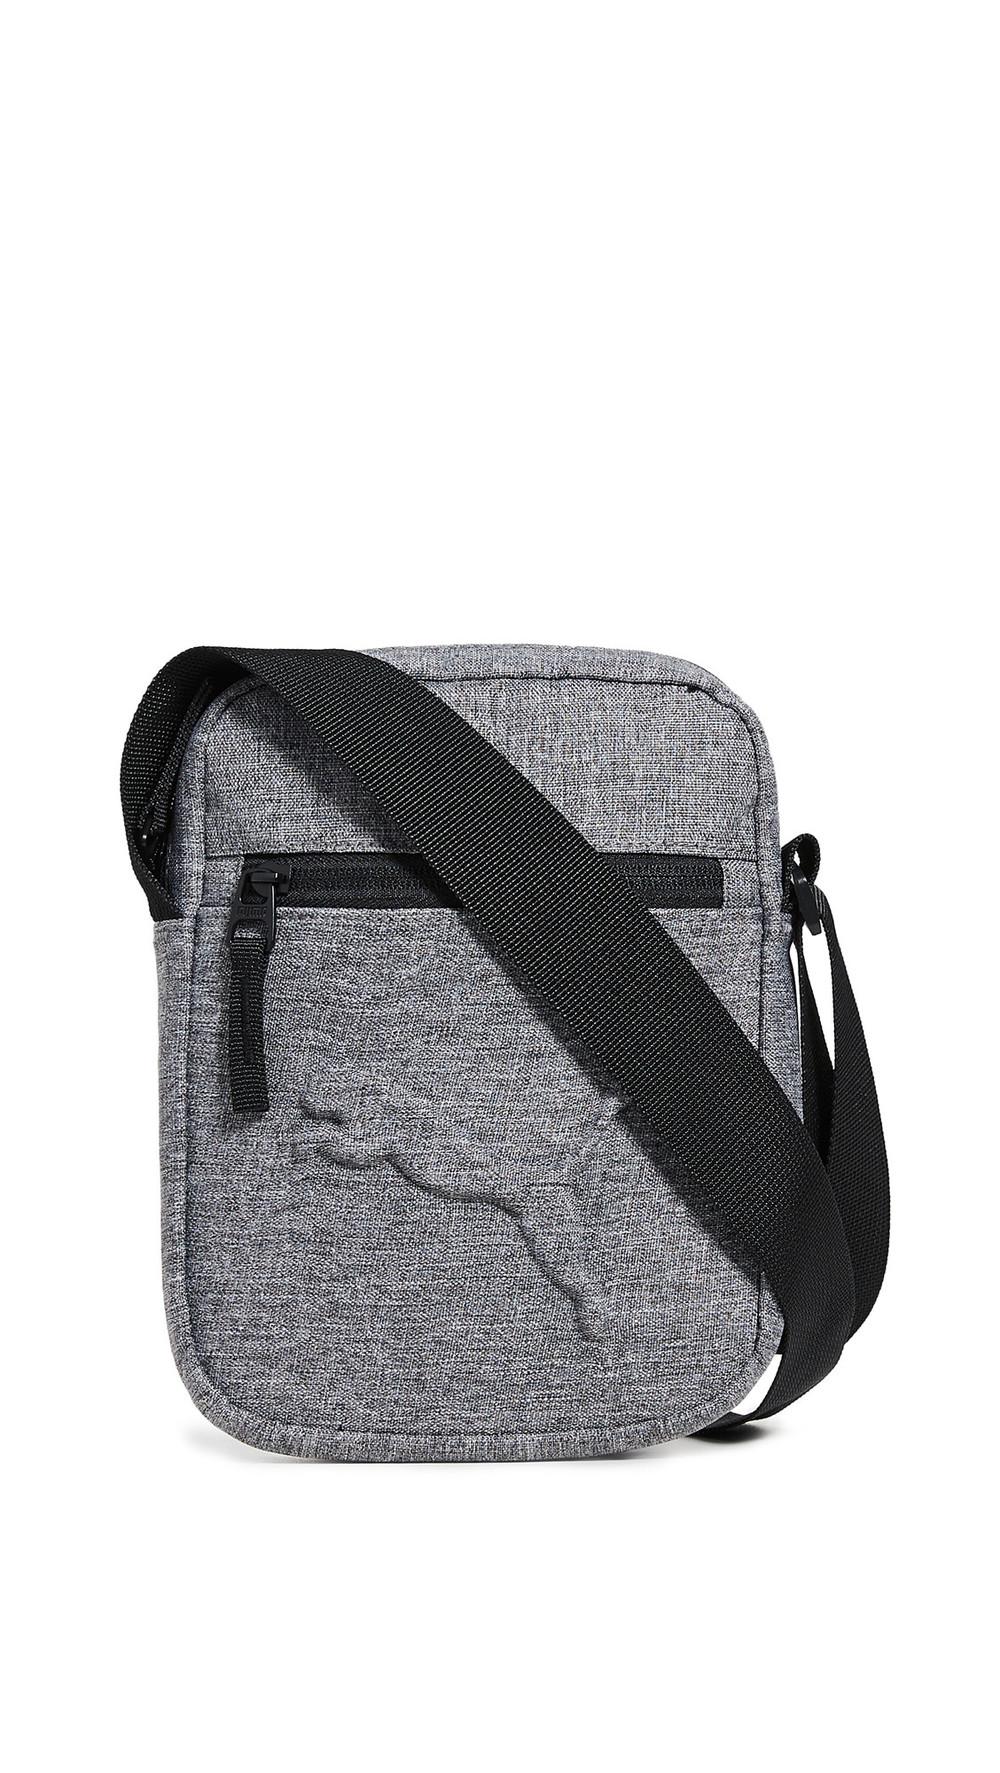 PUMA Reformation Crossbody Bag in grey